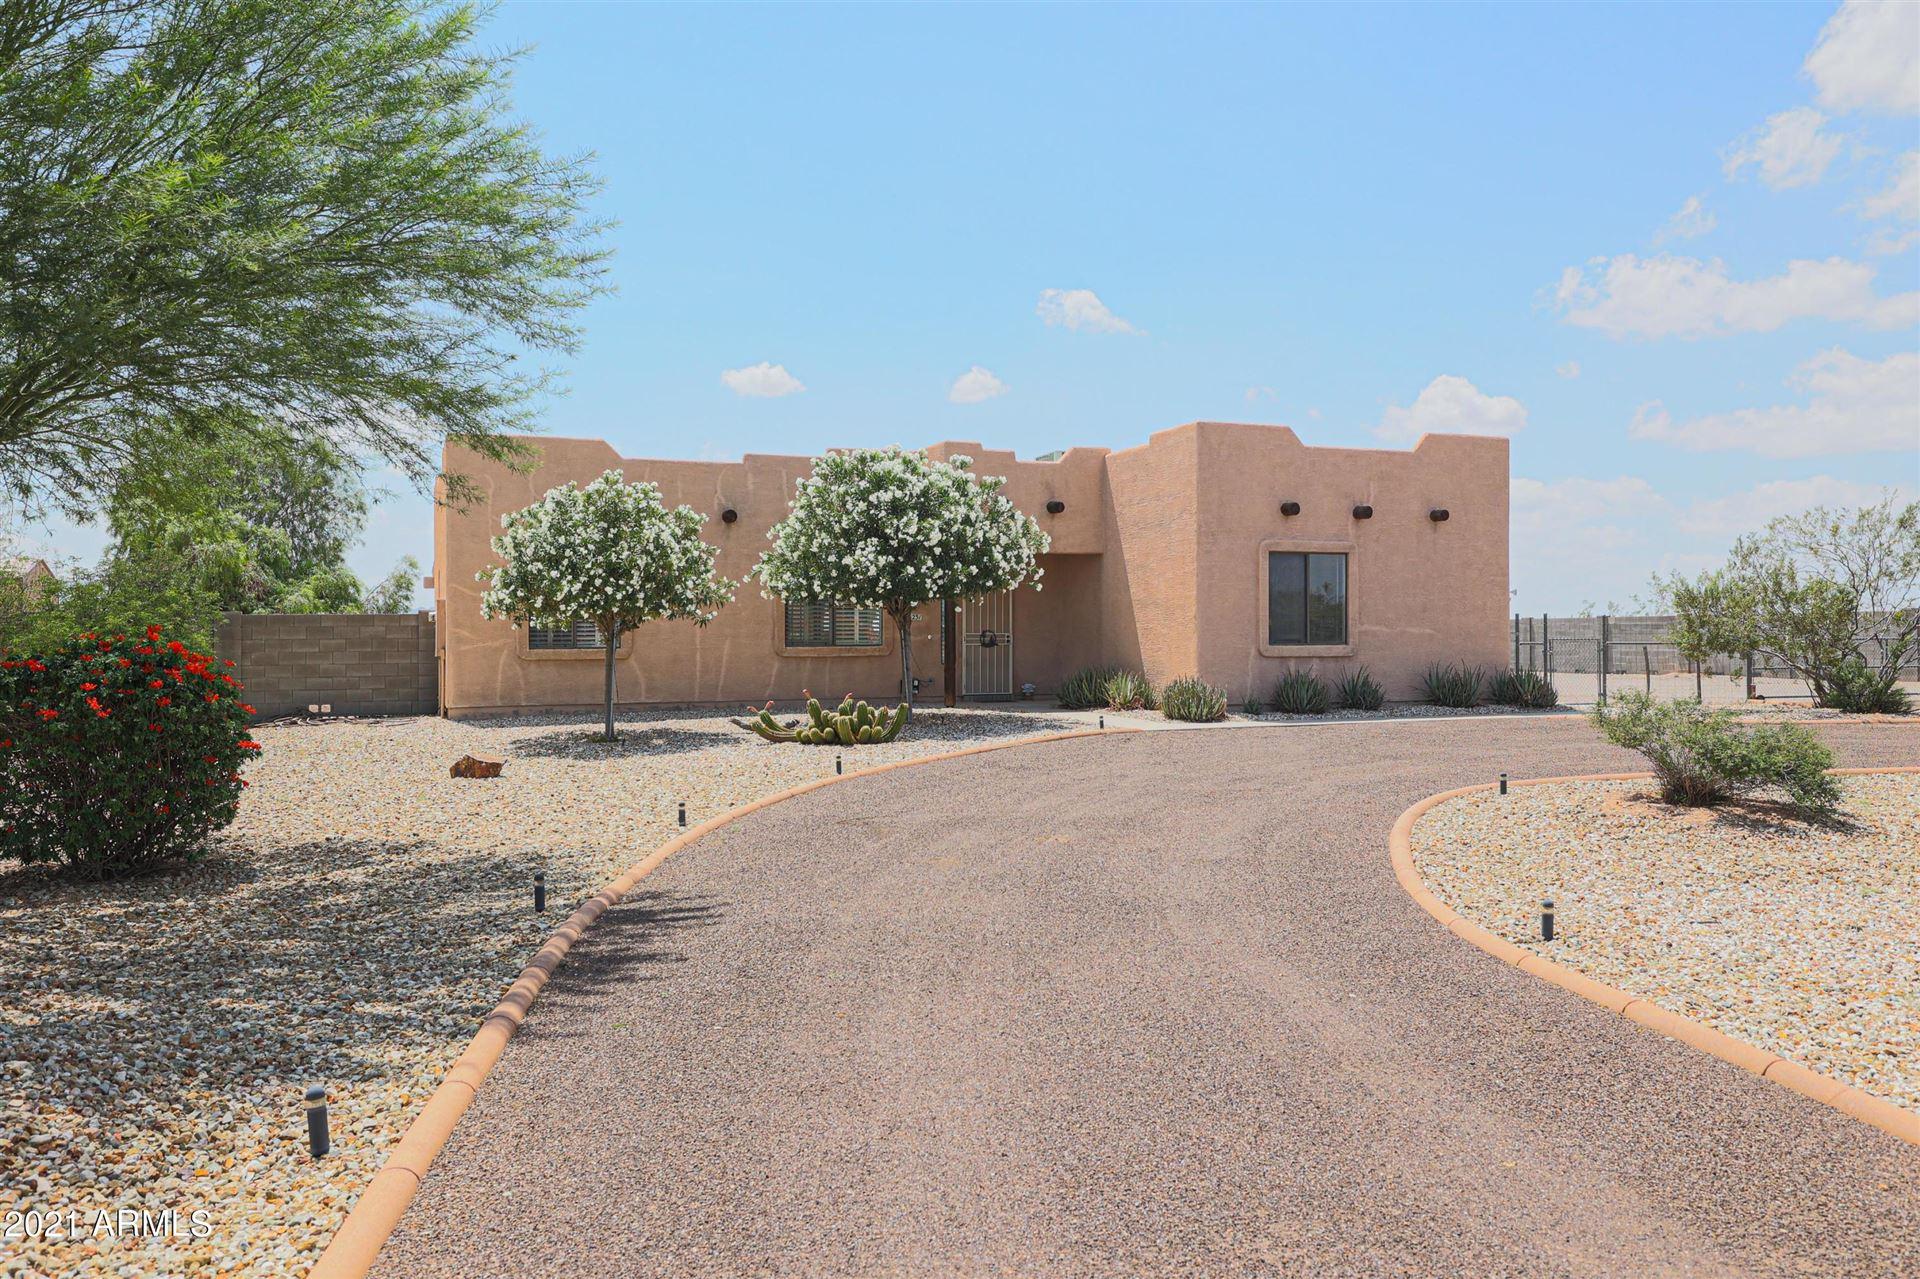 Photo of 25231 W BLUE SKY Drive, Wittmann, AZ 85361 (MLS # 6277442)